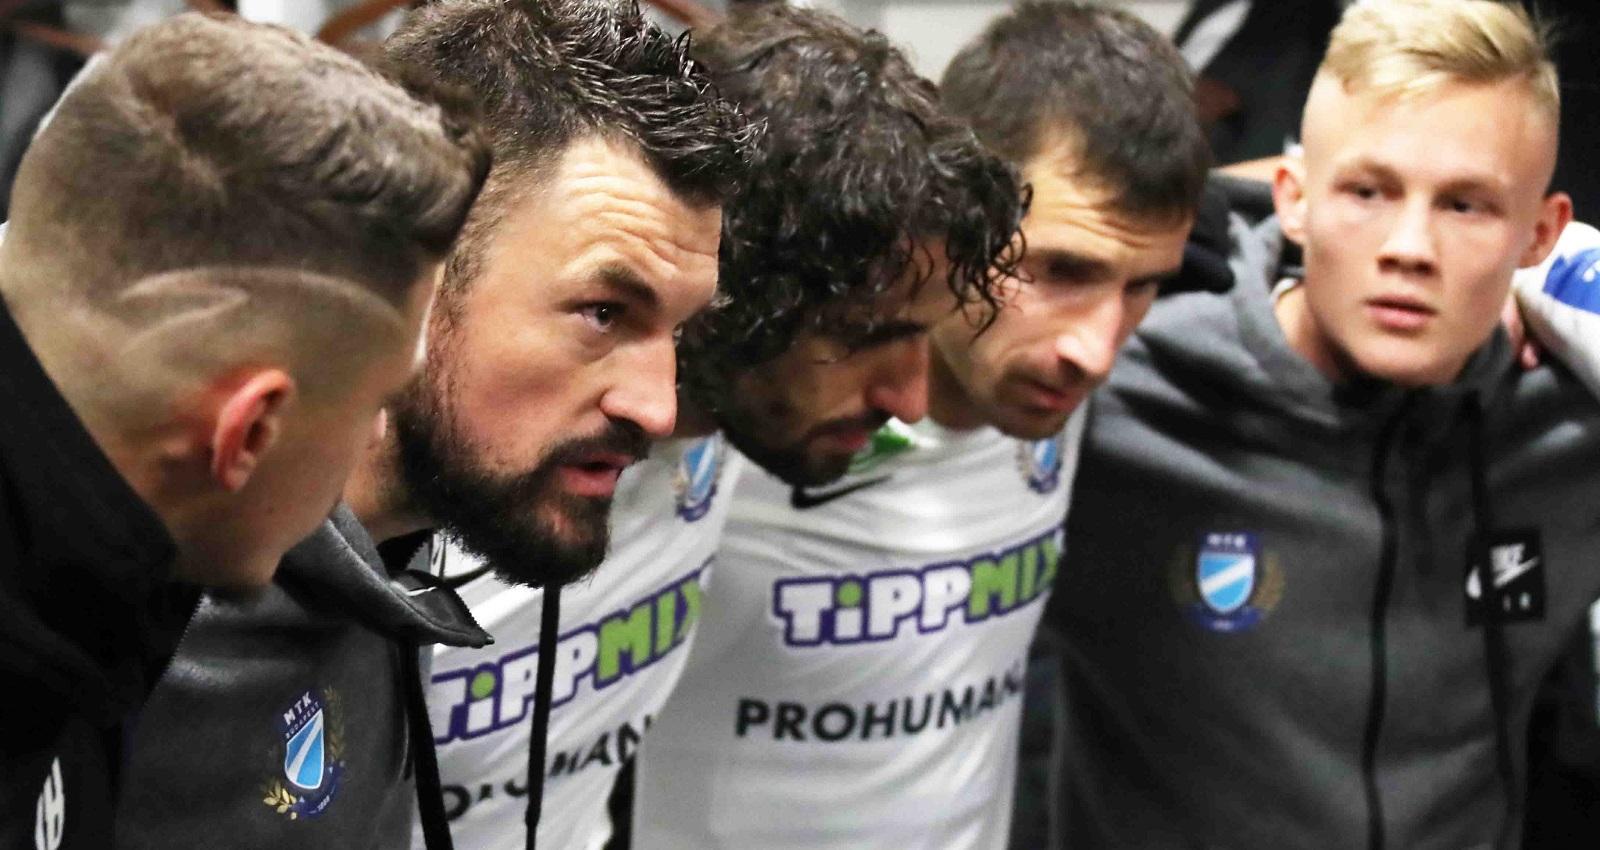 """Mijatovic: """"Azt kértem, hogy odafigyelve, motiváltan lépjünk pályára - ez sikerült"""" (videó)"""